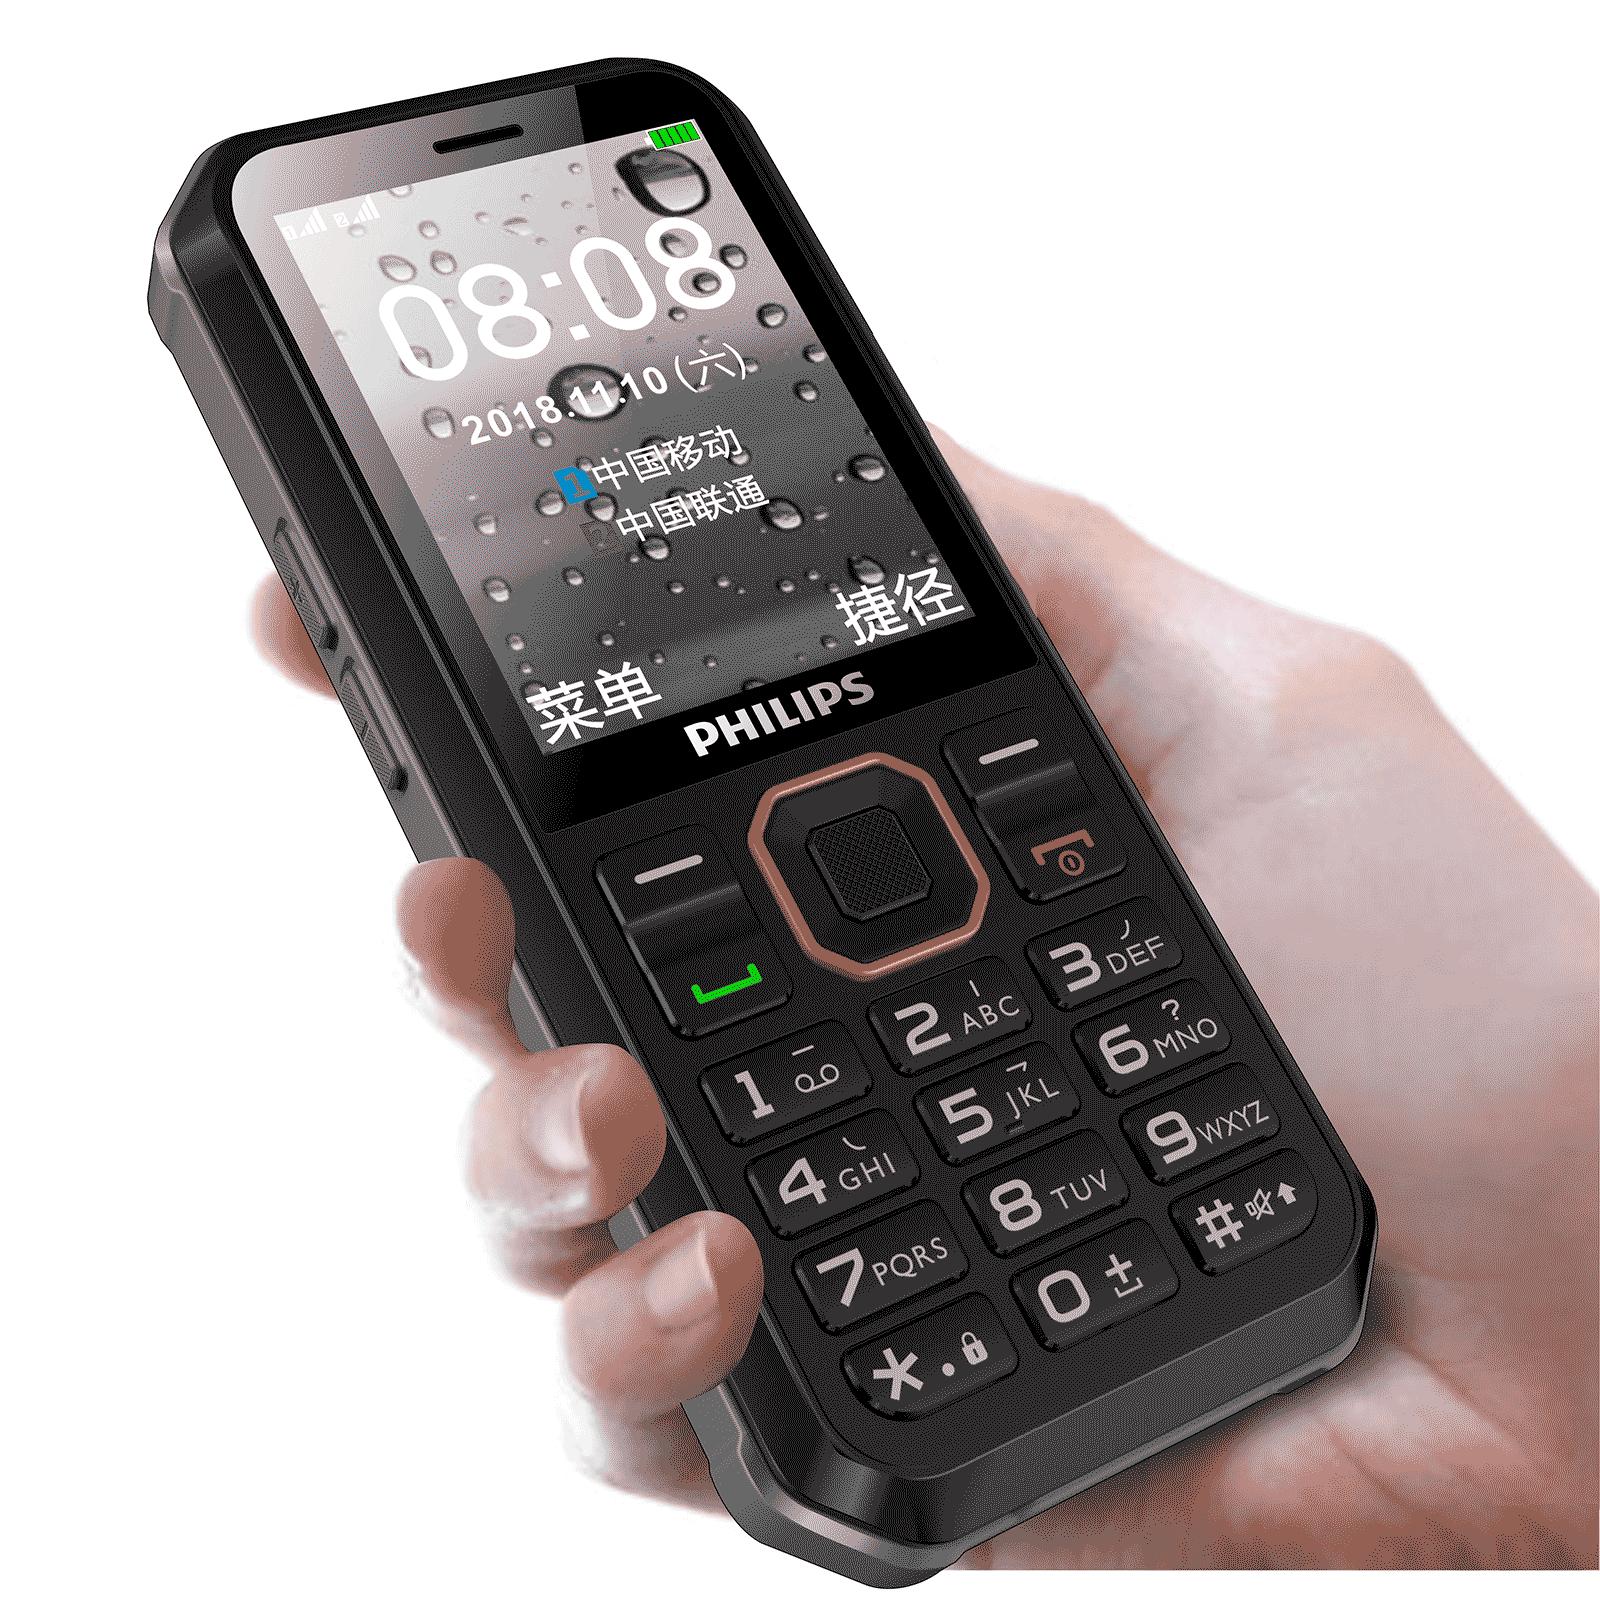 Philips/飞利浦 E188A真三防老人手机军工品质超强防水长待大字大声大屏老年机老人机持久续航防摔防尘诺基亚